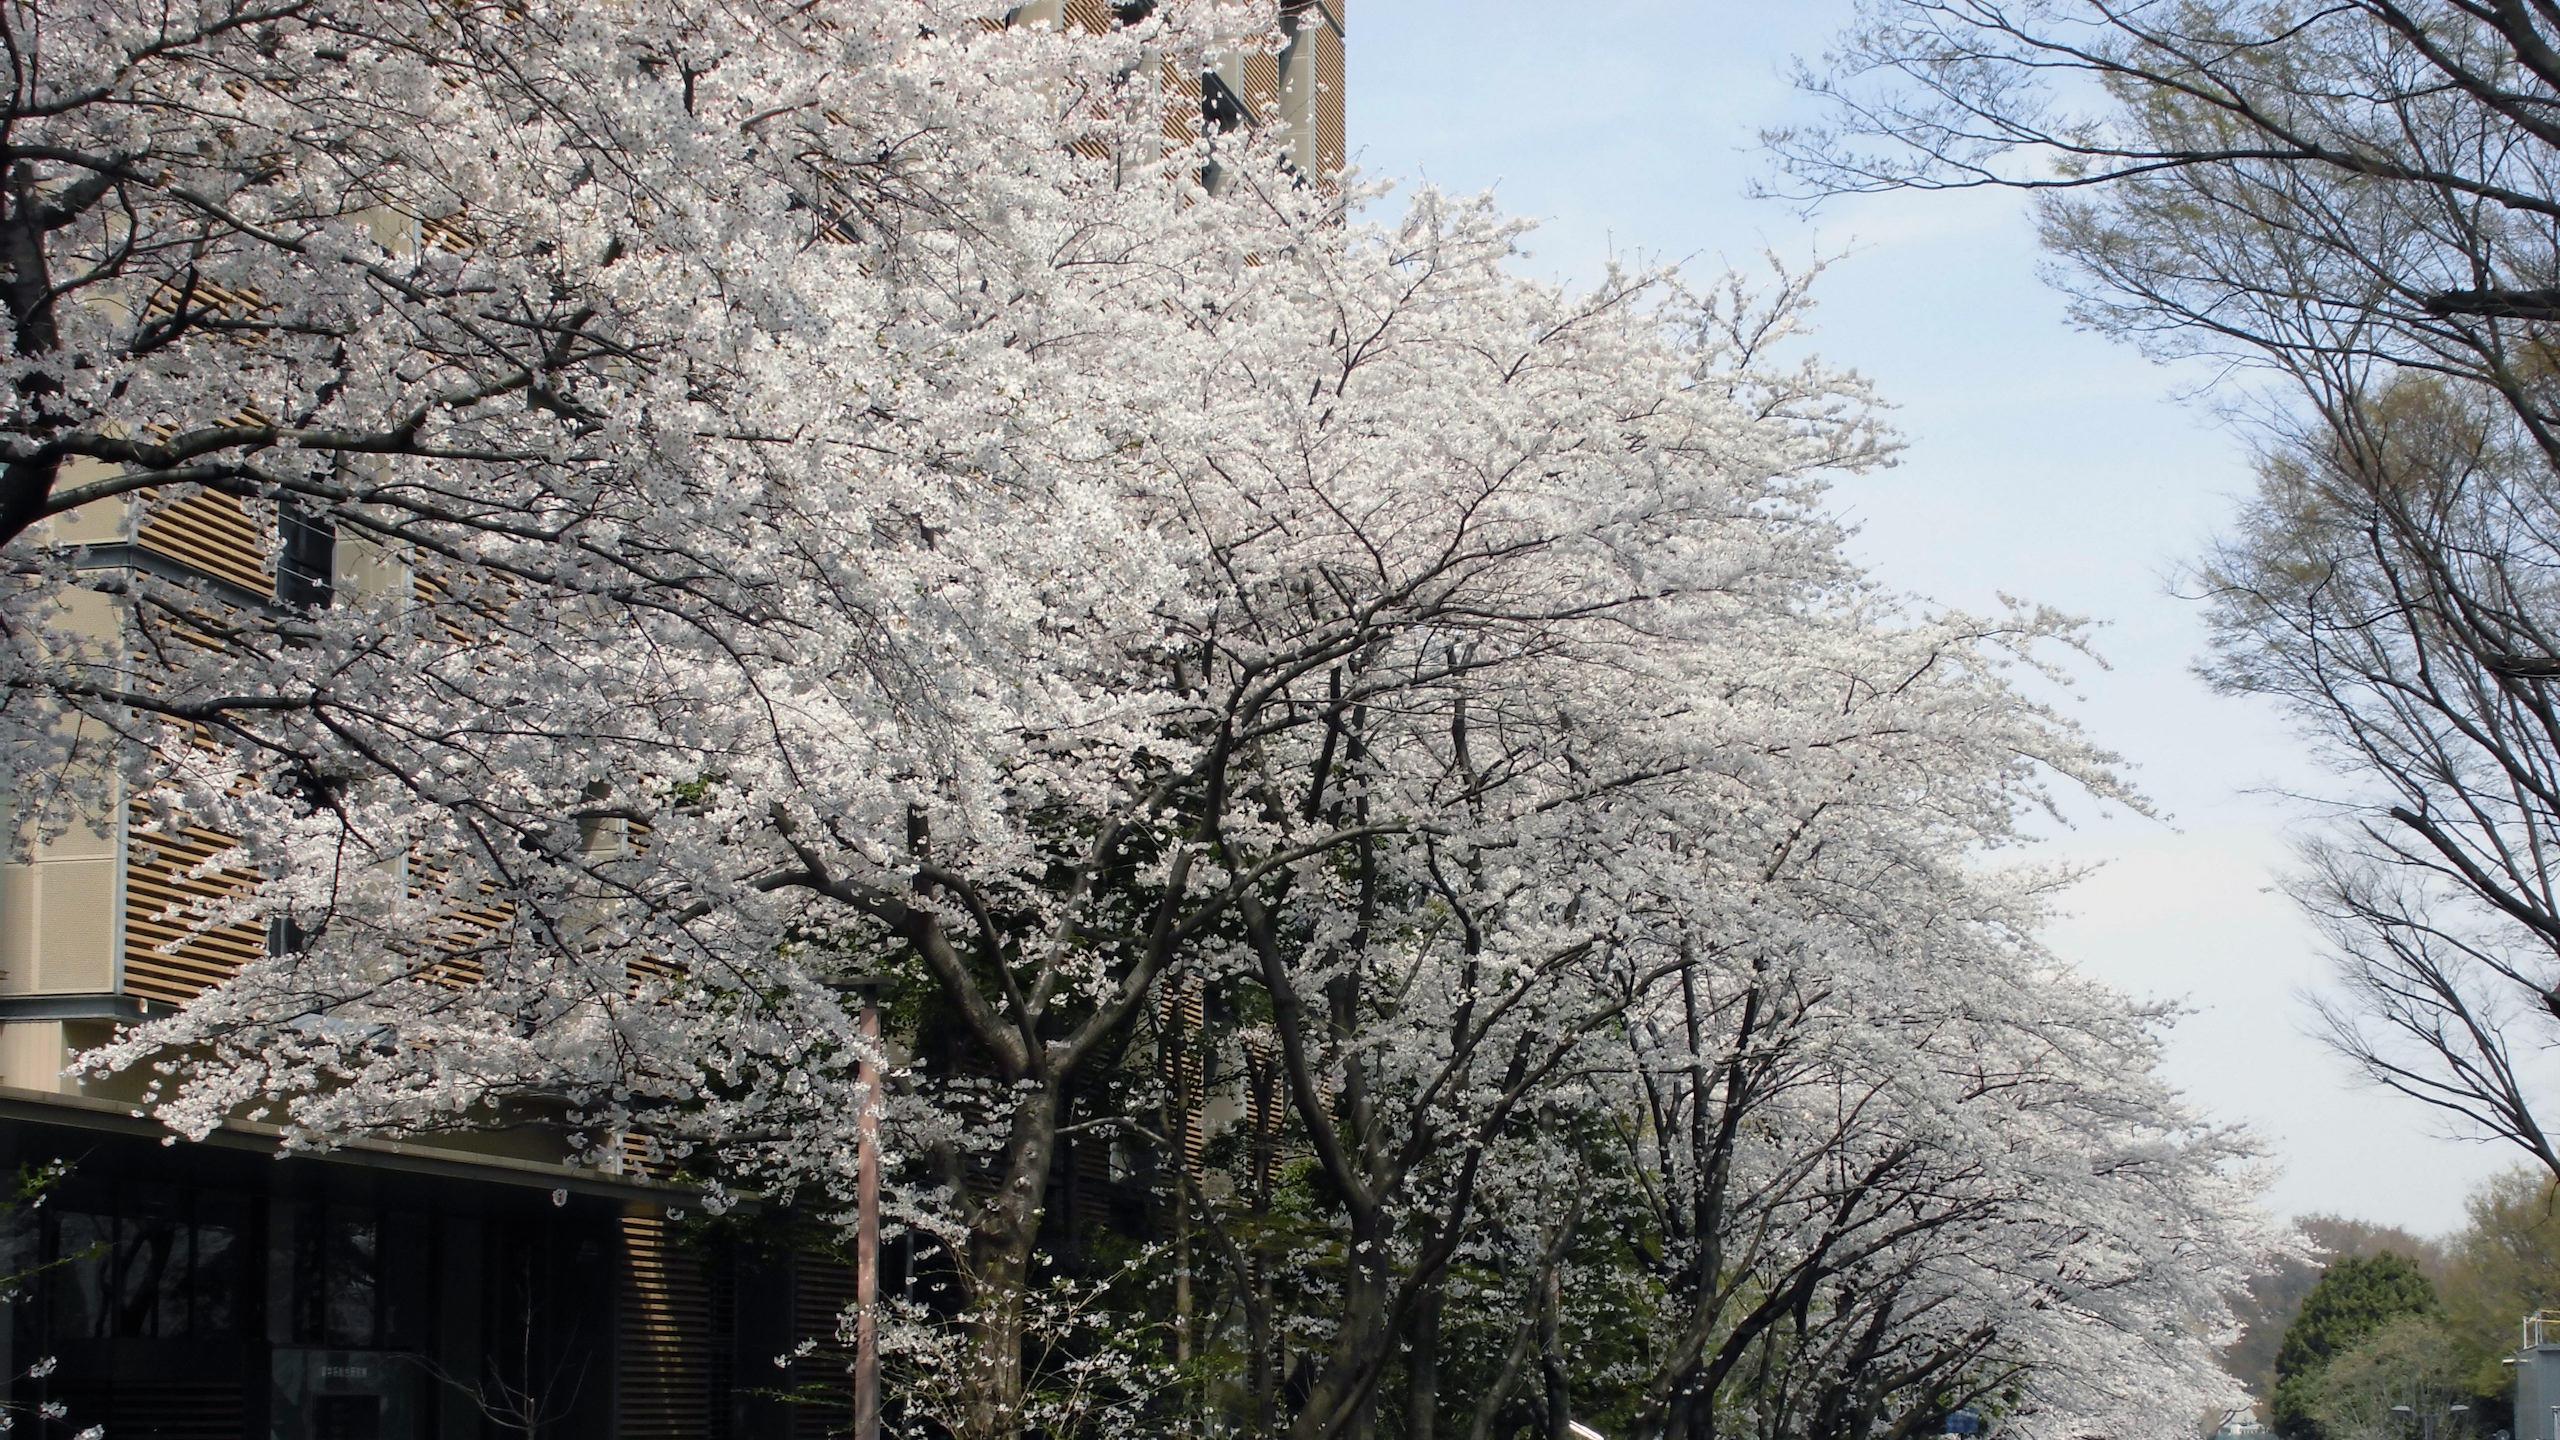 LIXIL Ushioda East Asian Humanities Initiative(LIXIL潮田東アジア研究拠点)